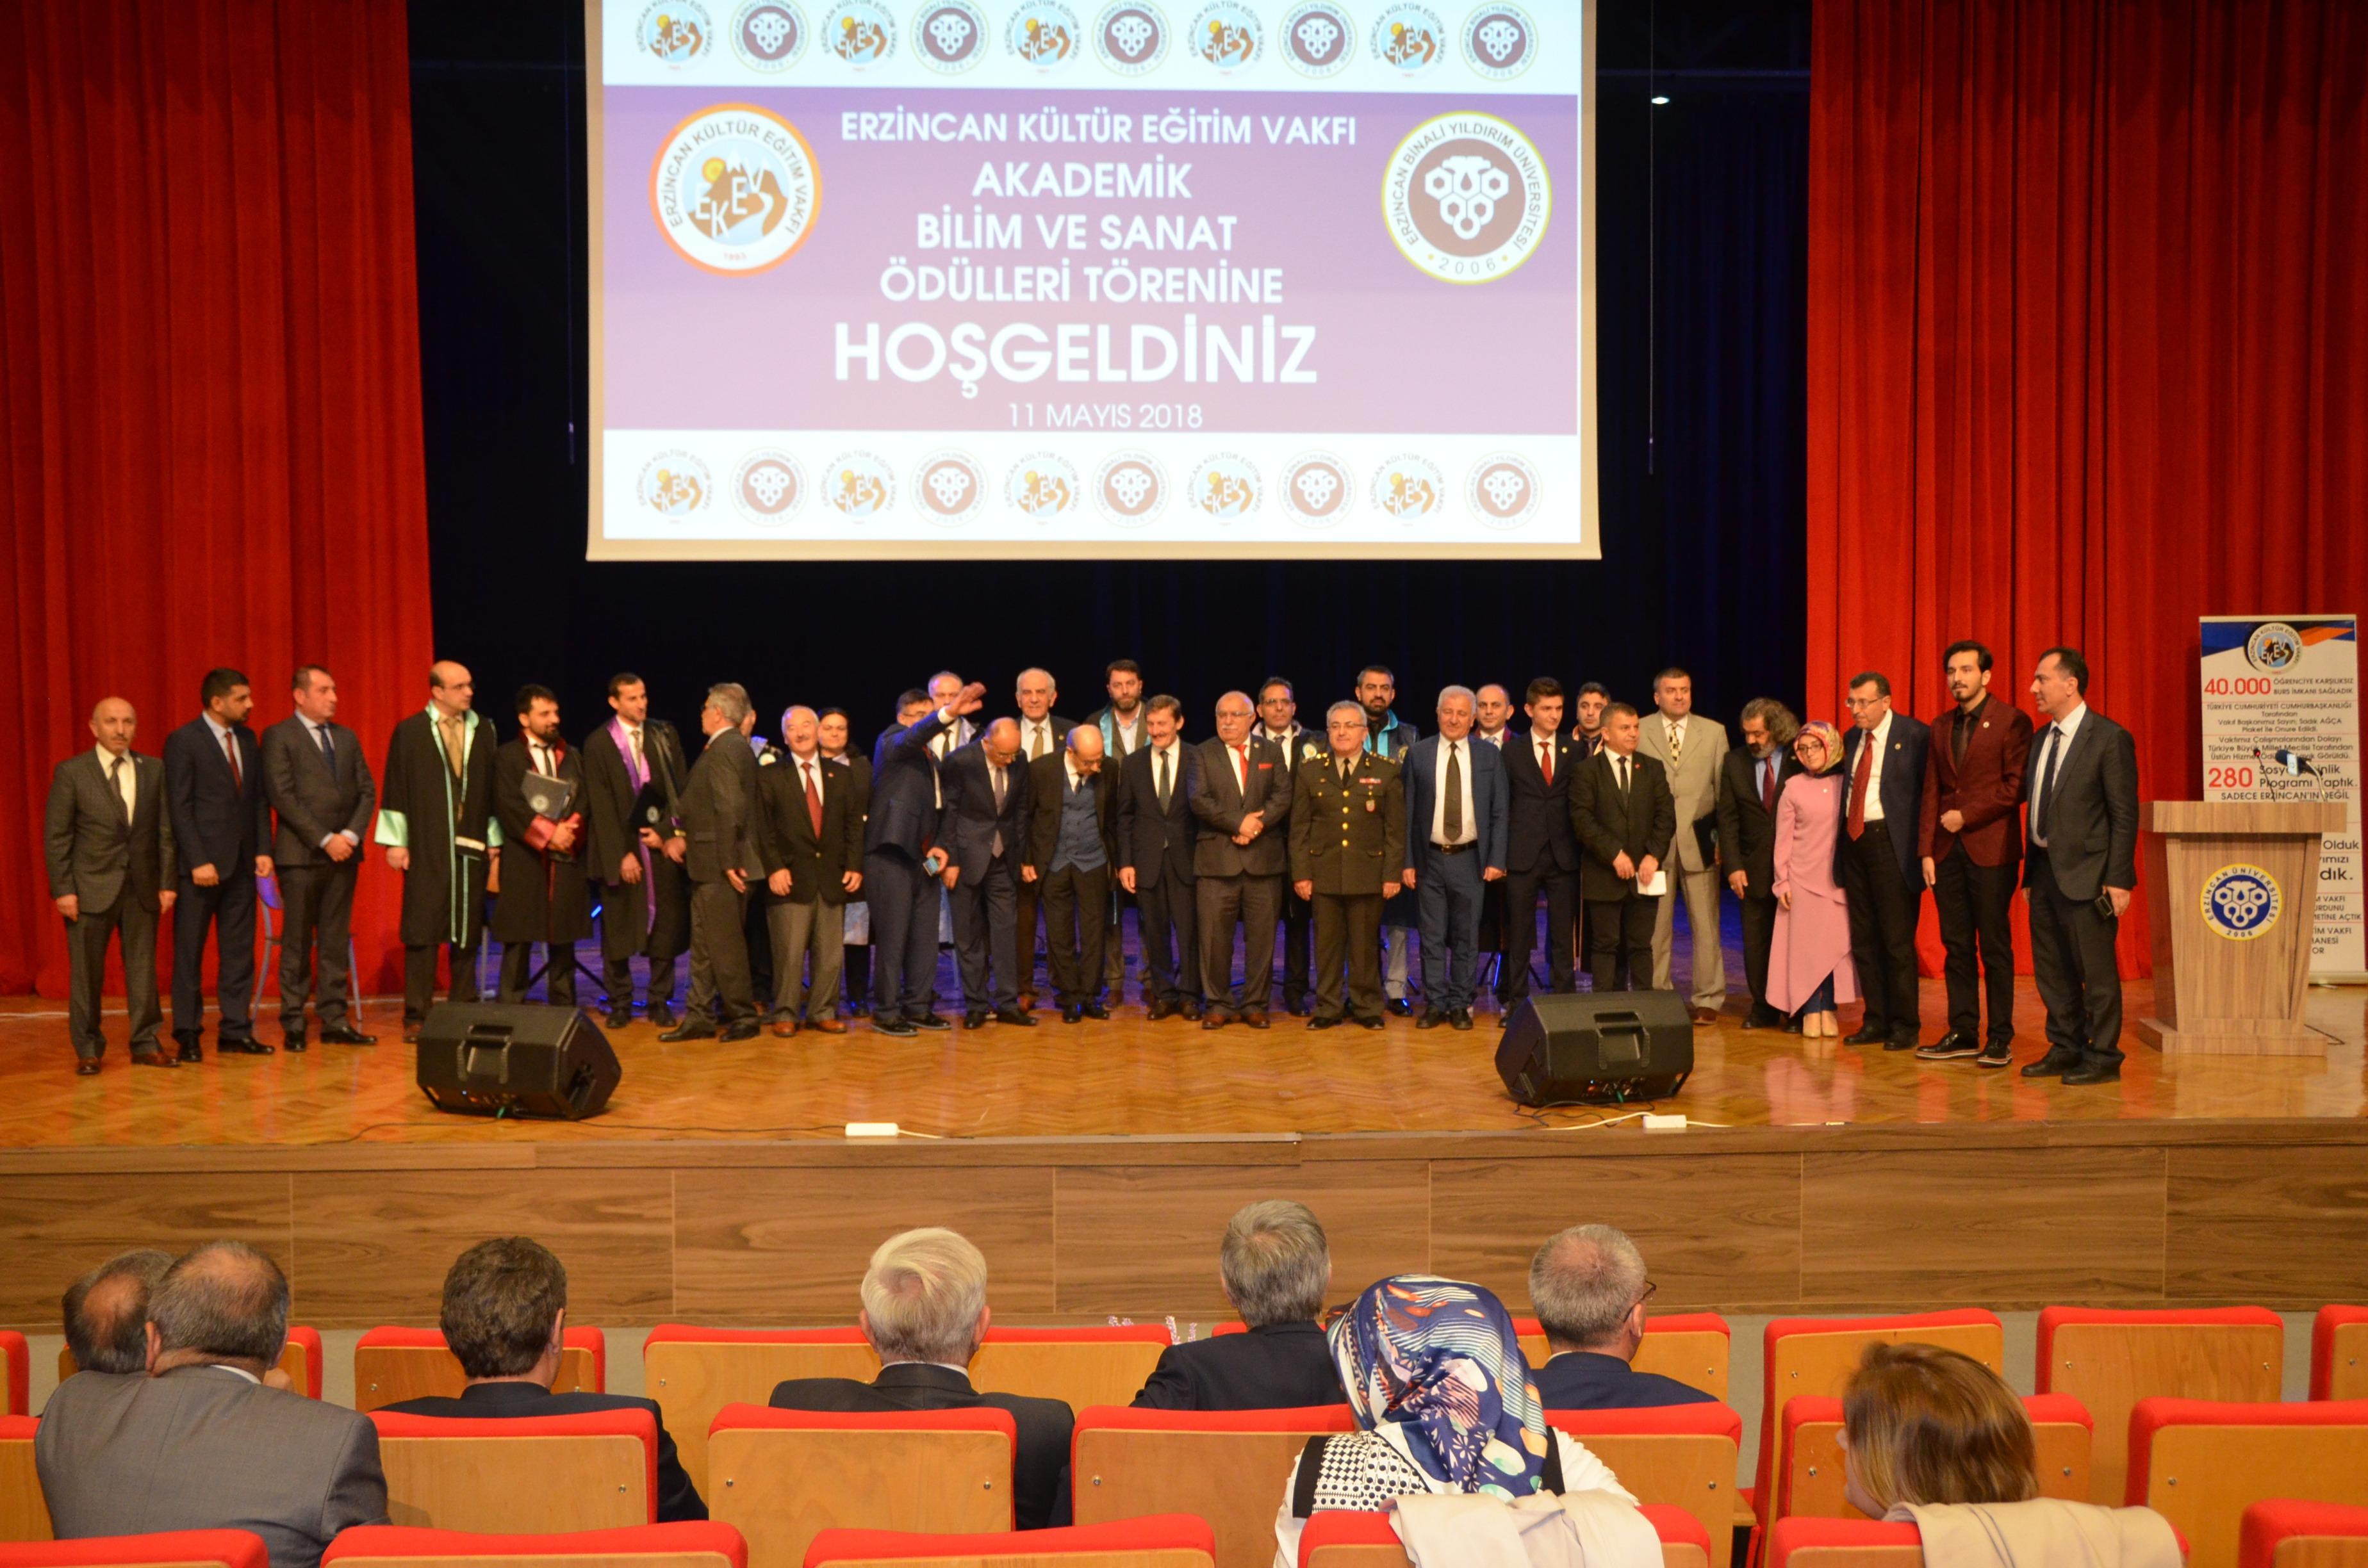 EKEV Akademik Bilim ve Sanat Ödülleri Töreni